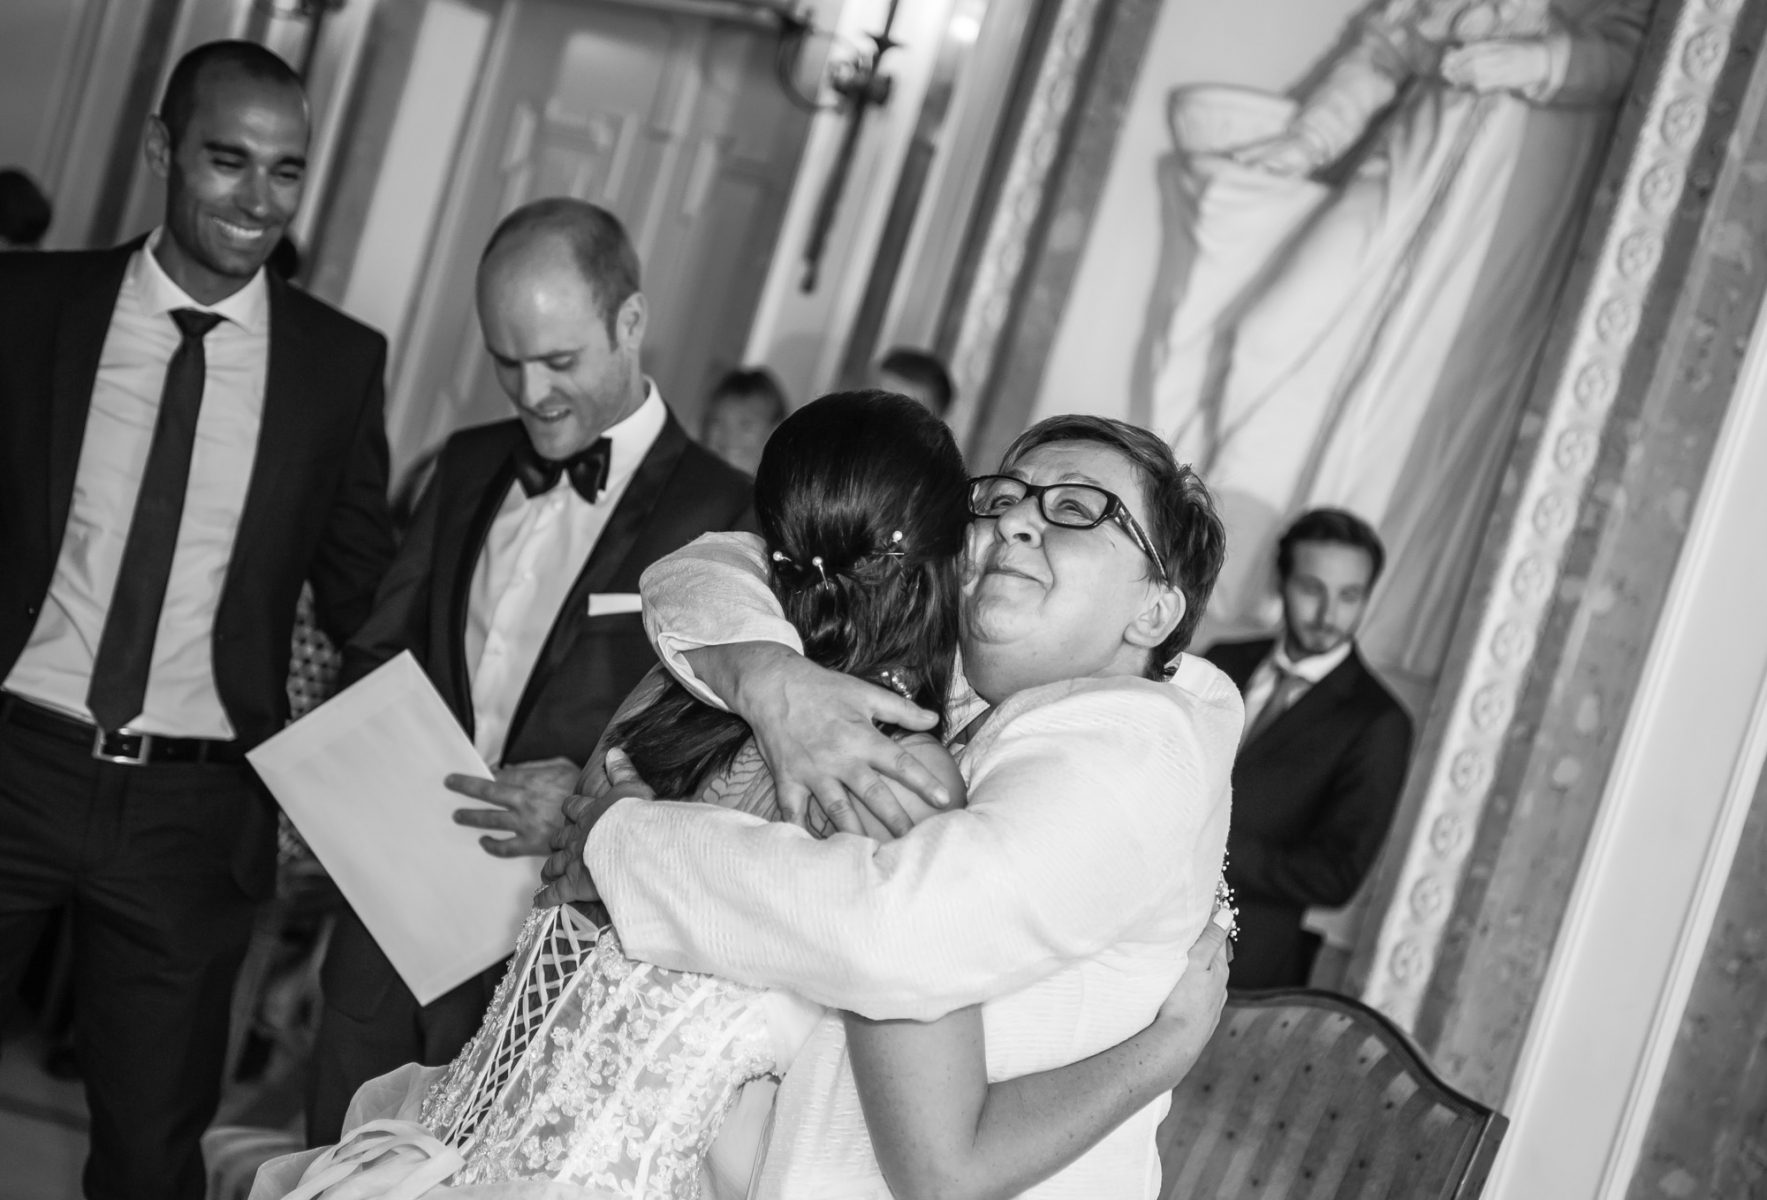 Hochzeit Feier  B2000 228969 1767x1200 - GRATULATION & EMOTION